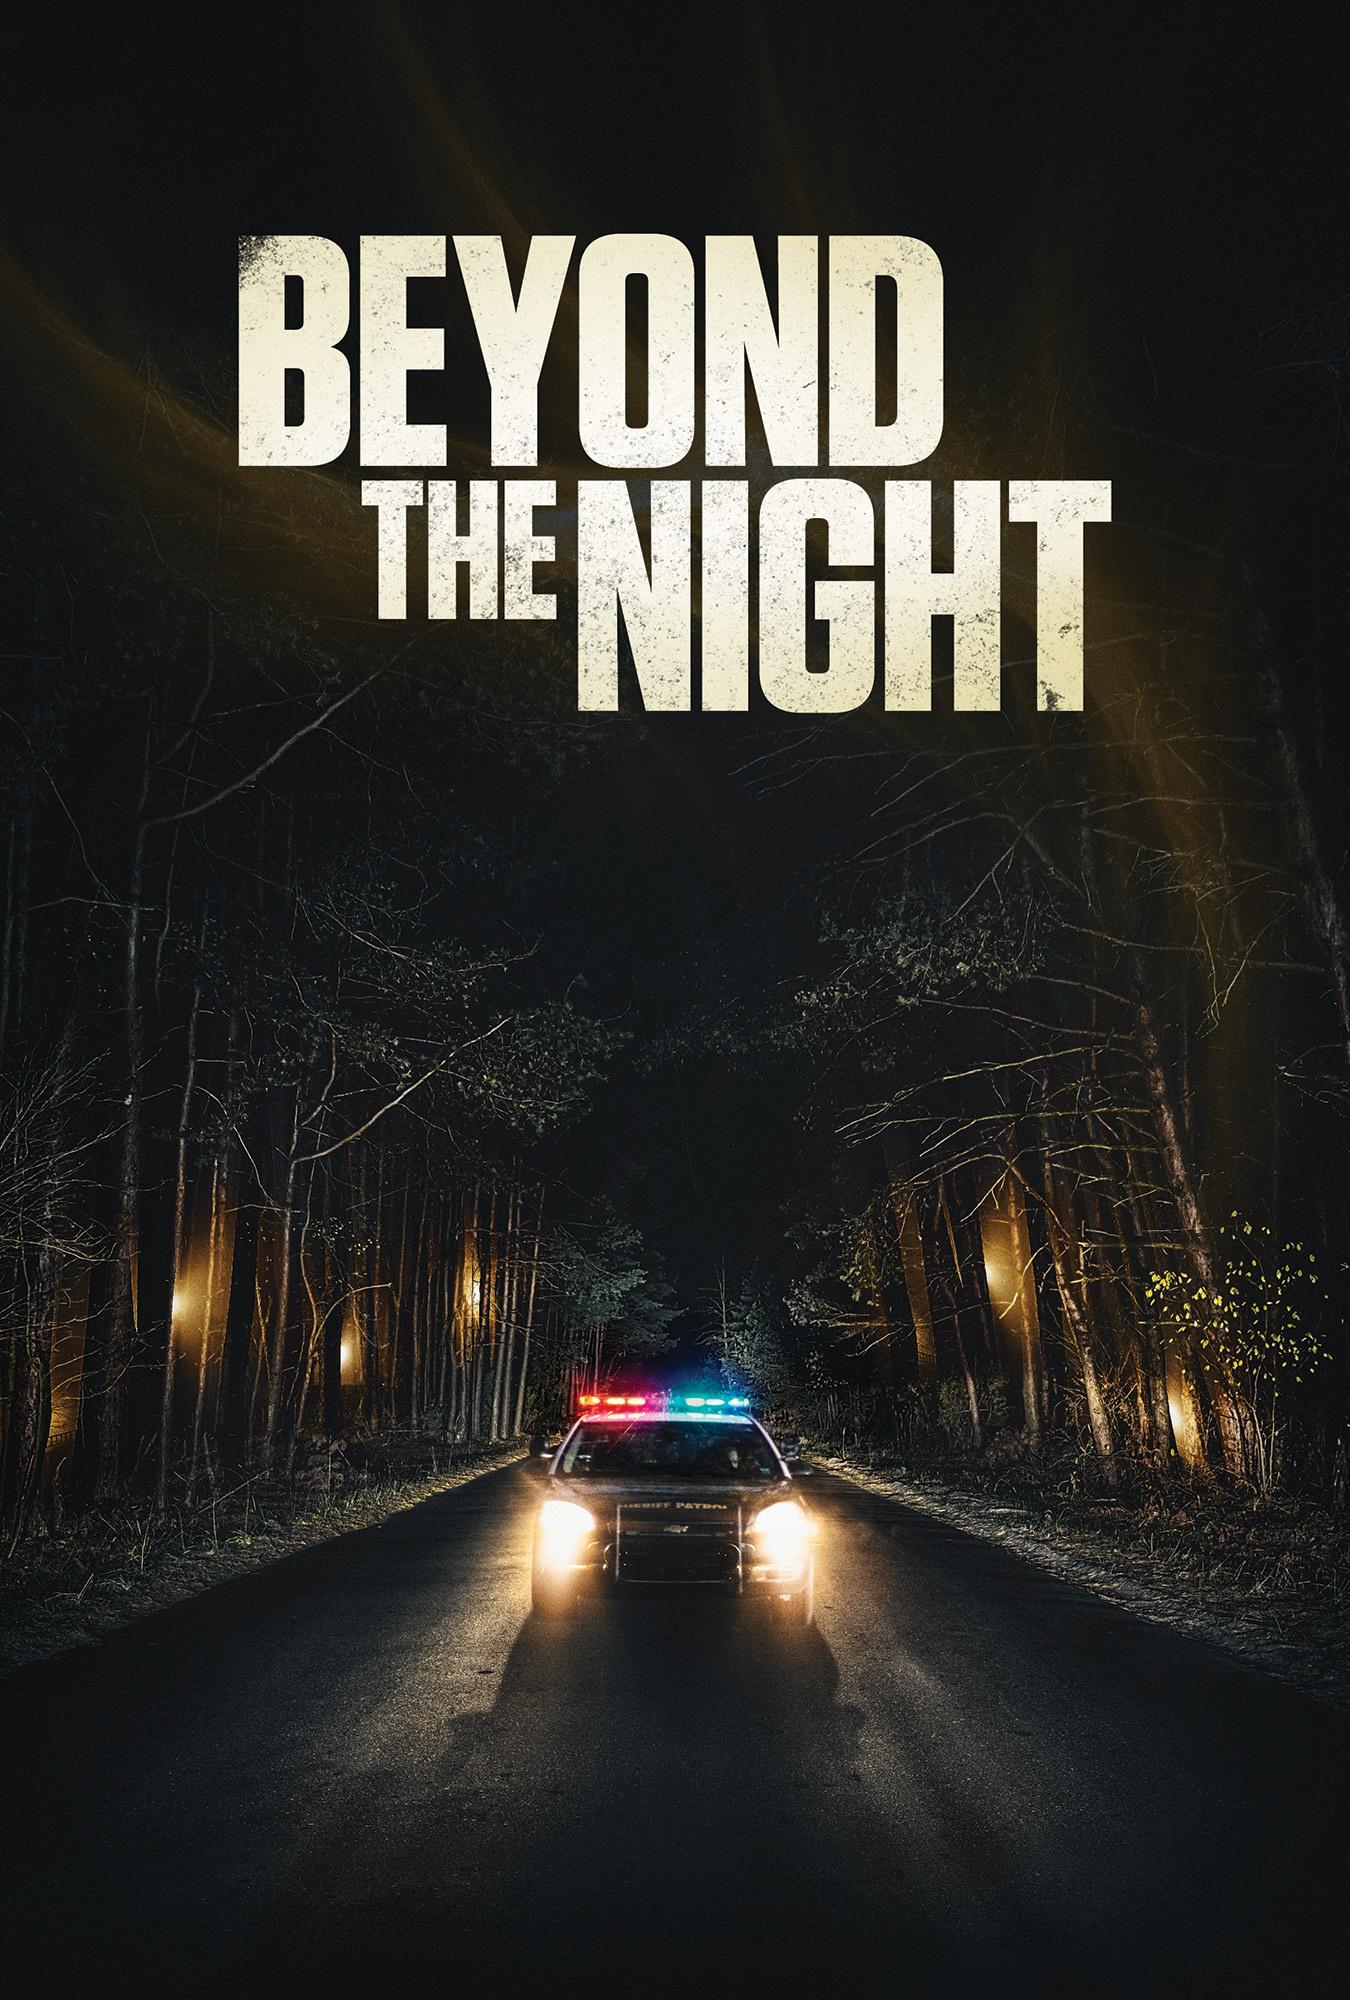 BeyondTheNight_KA_r3_1.jpg